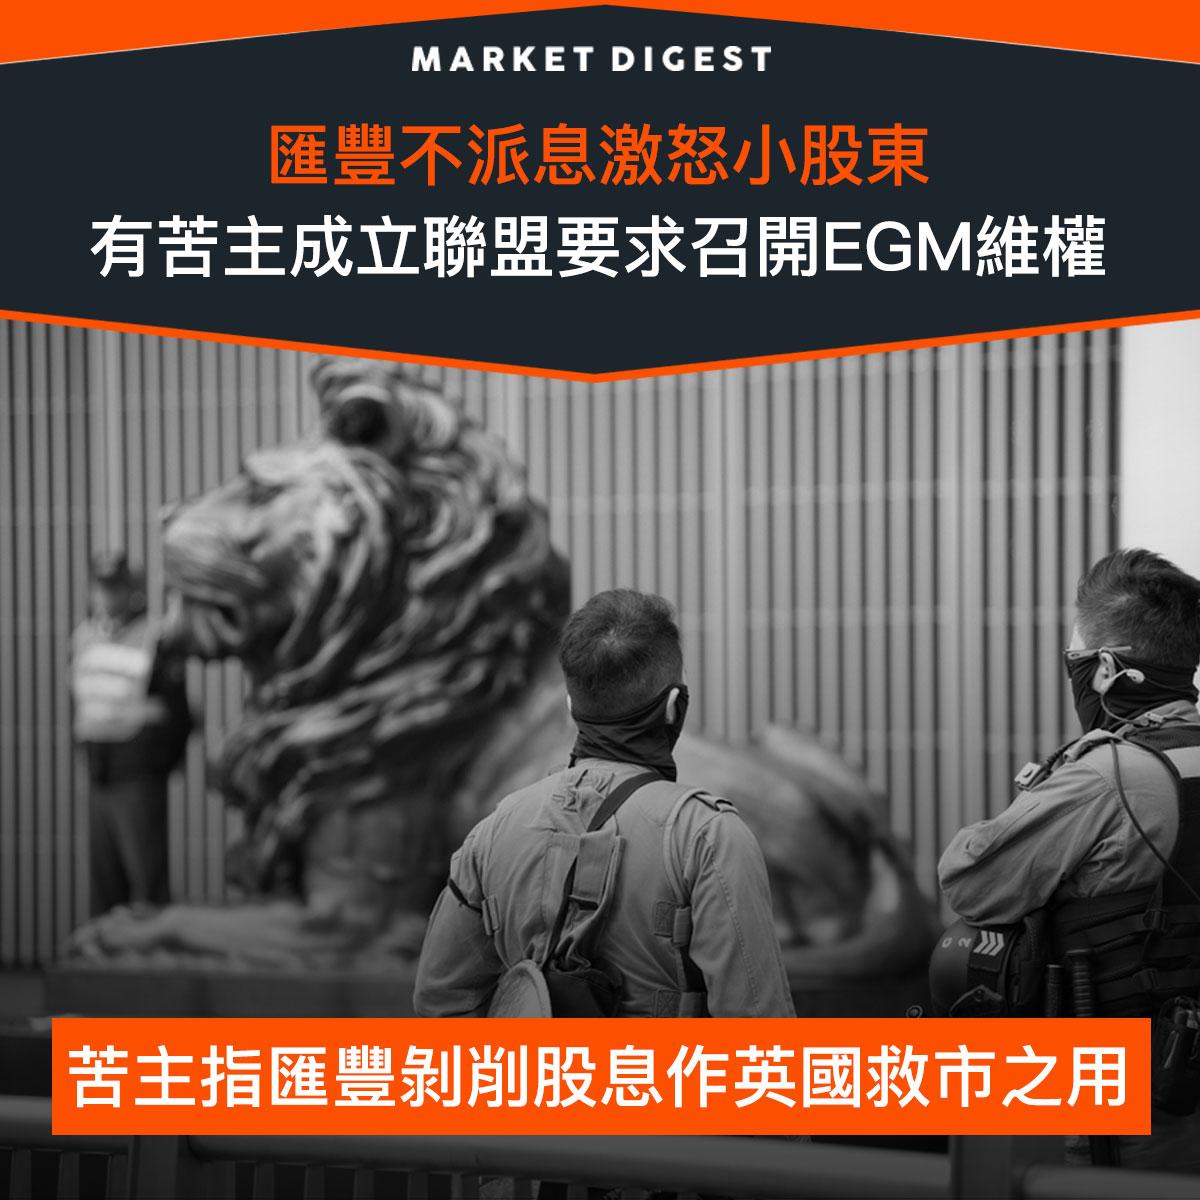 【市場熱話】匯豐不派息激怒小股東,有苦主成立聯盟要求召開EGM維權